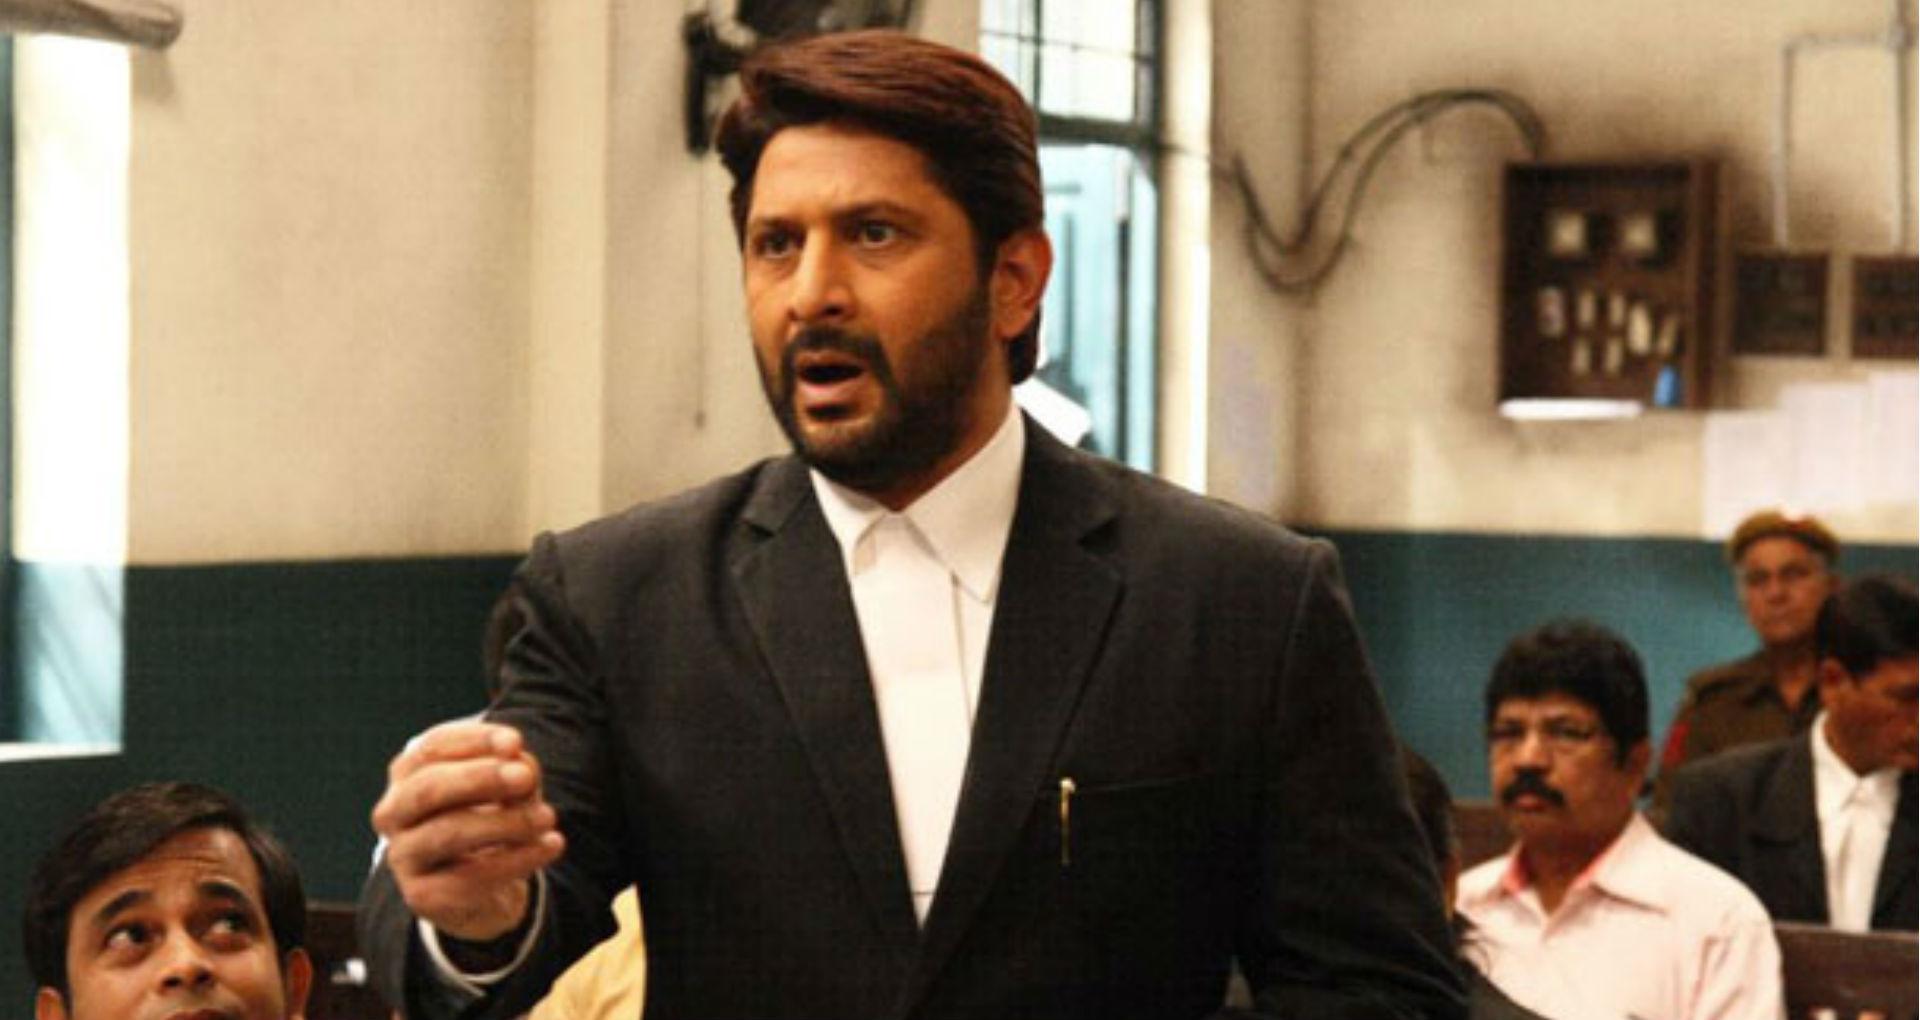 अरशद वारसी को रह-रहकर याद आती है 'जॉली एलएलबी 2', इस बार अक्षय कुमार को लेकर कही ये बात